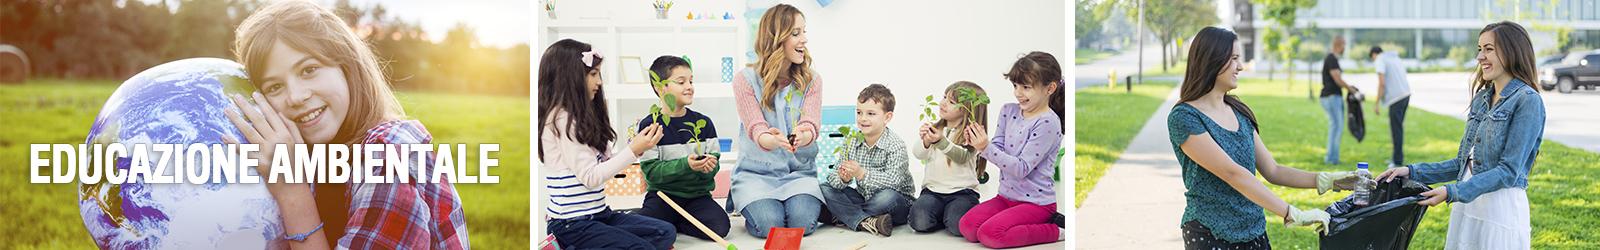 immagini di educazione ambientale a scuola: studentessa abbraccia il mondo, studenti fanno crescere delle piantine in classe, raccolta rifiuti